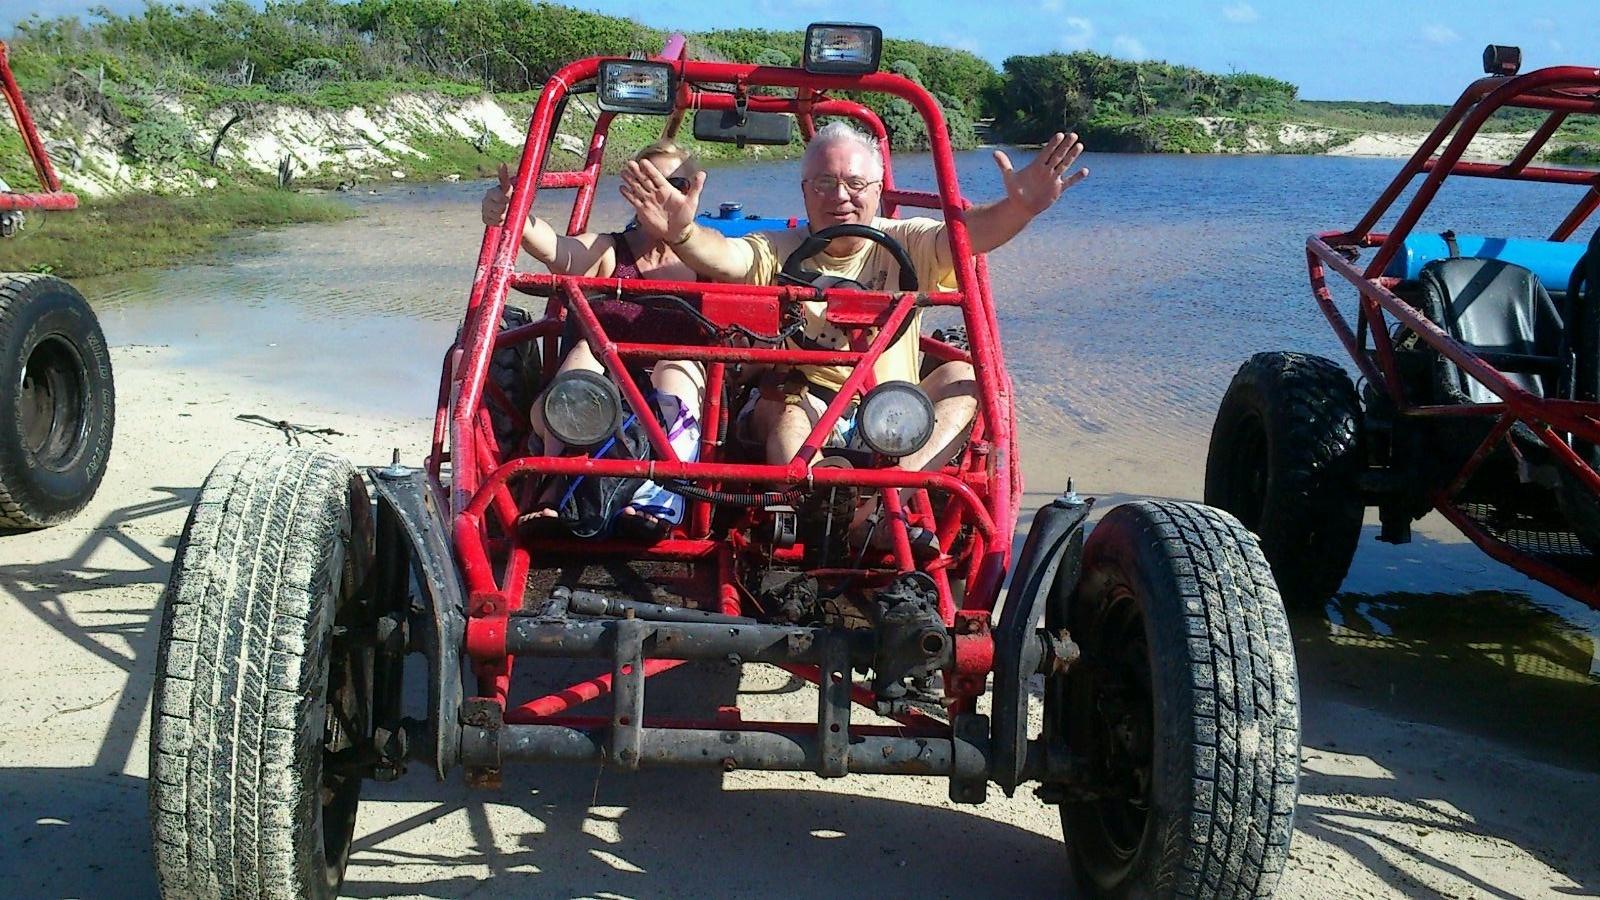 Dune-buggy-cozumel-mayan-village-offroad-tour-10